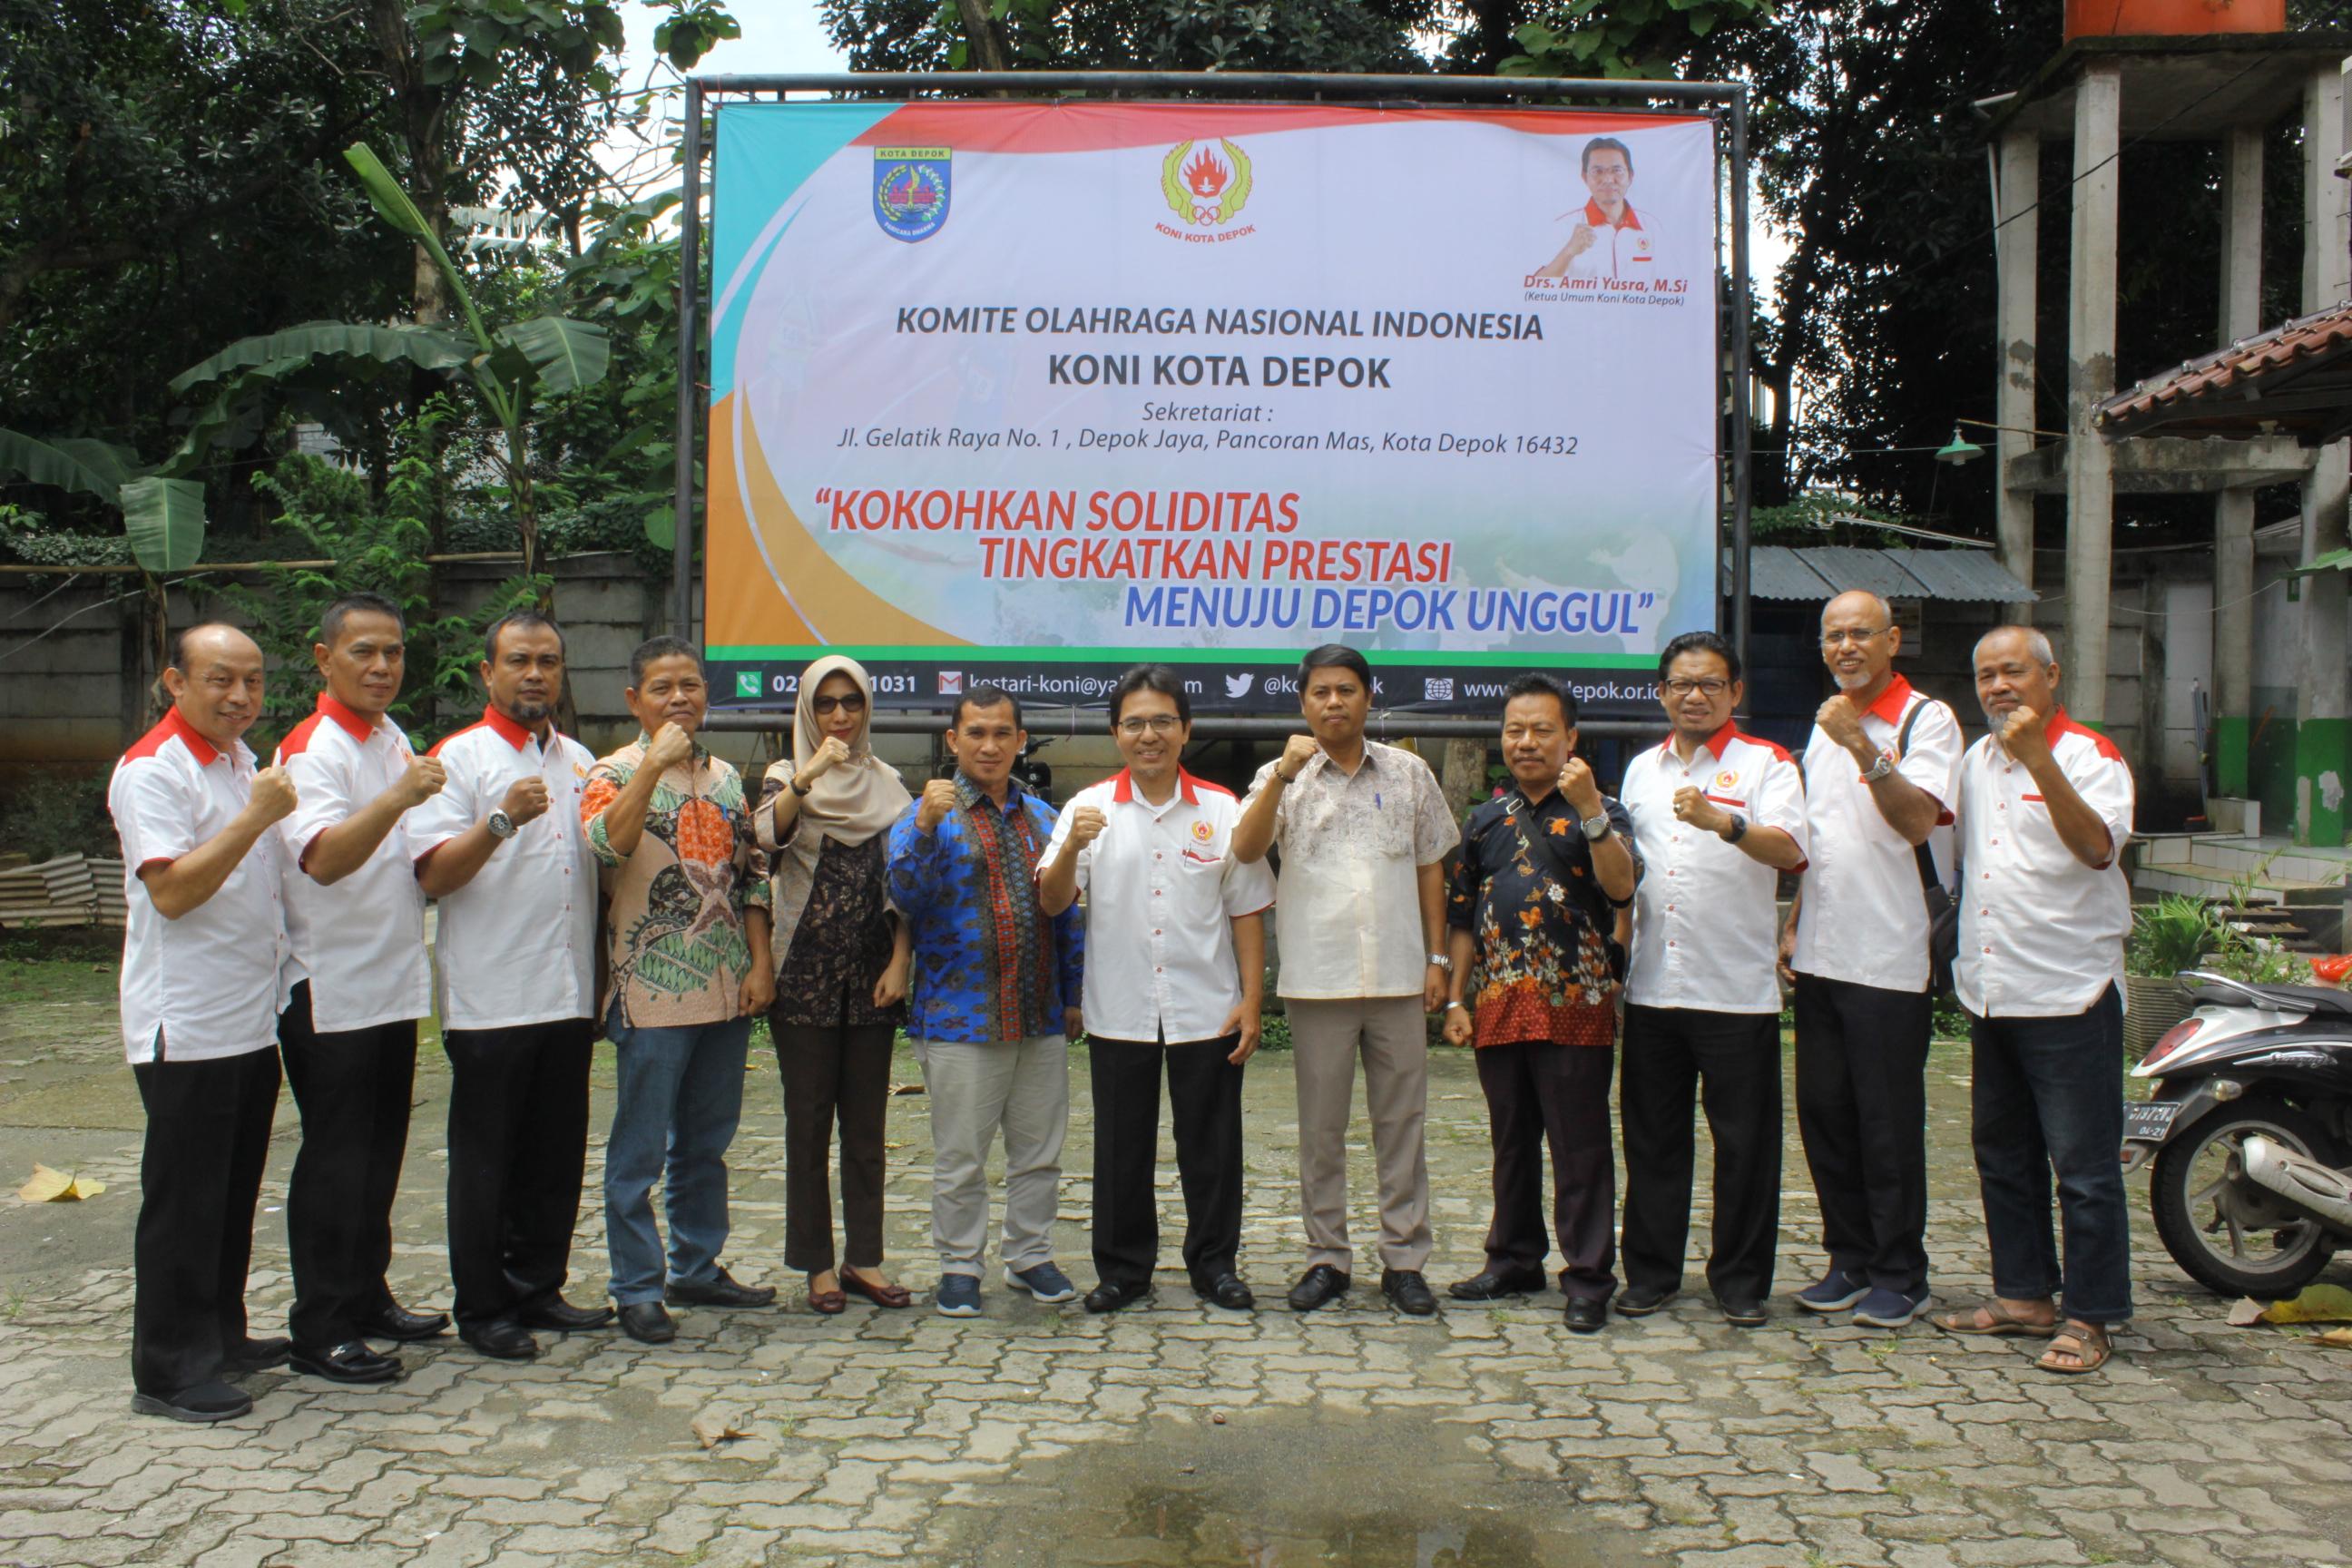 Anggota DPRD Bangka Barat Berkesempatan Foto Bersama pengurus KONI Kota Depok usai agenda kunjungan kerja ke KONI Kota Depok yang telah dilakukan, (30/01/19).